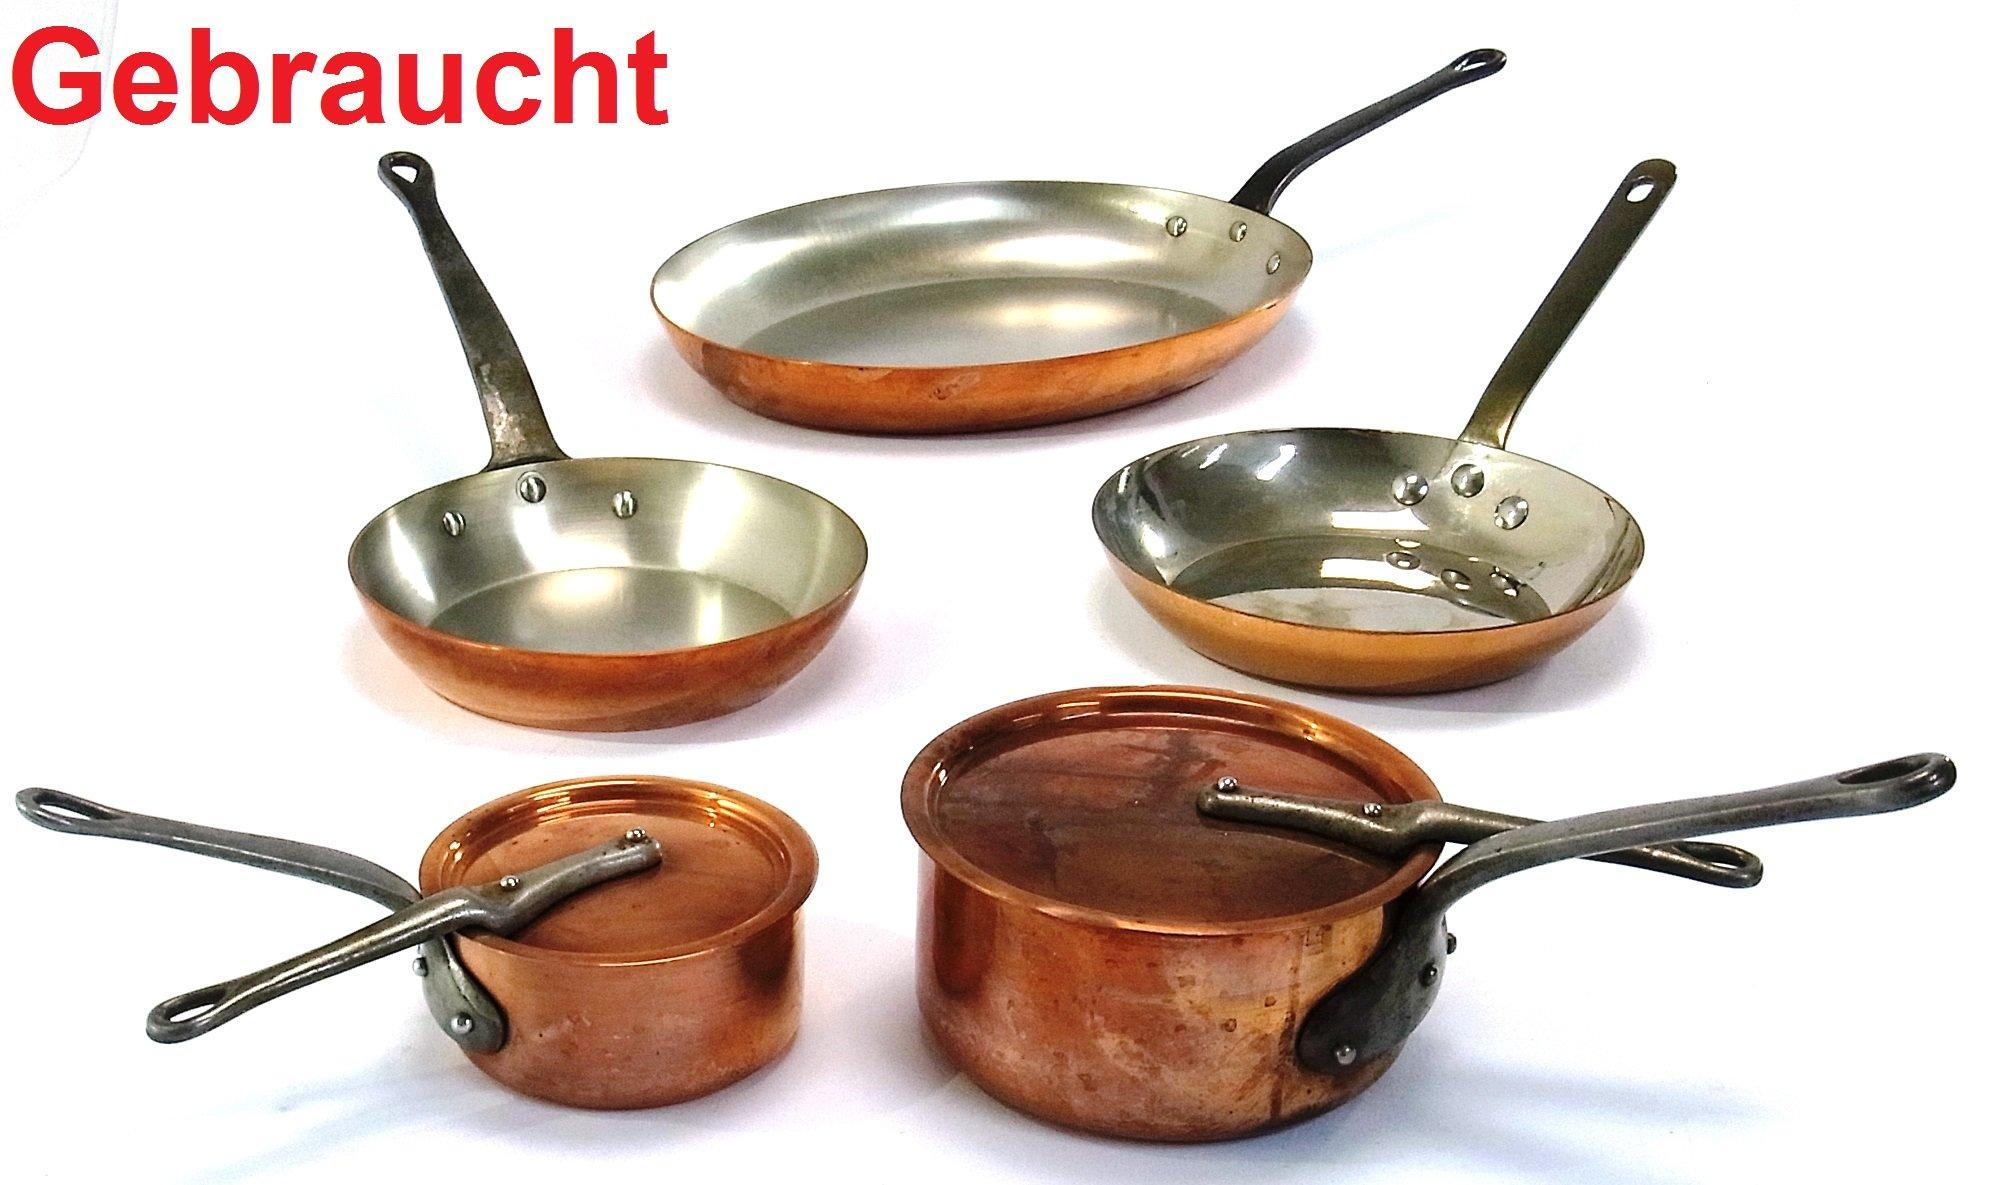 3 Kupferpfannen 2 Kupfertöpfe mit Deckel von Le Cellier  ~ Entsafter Für Induktionsherd